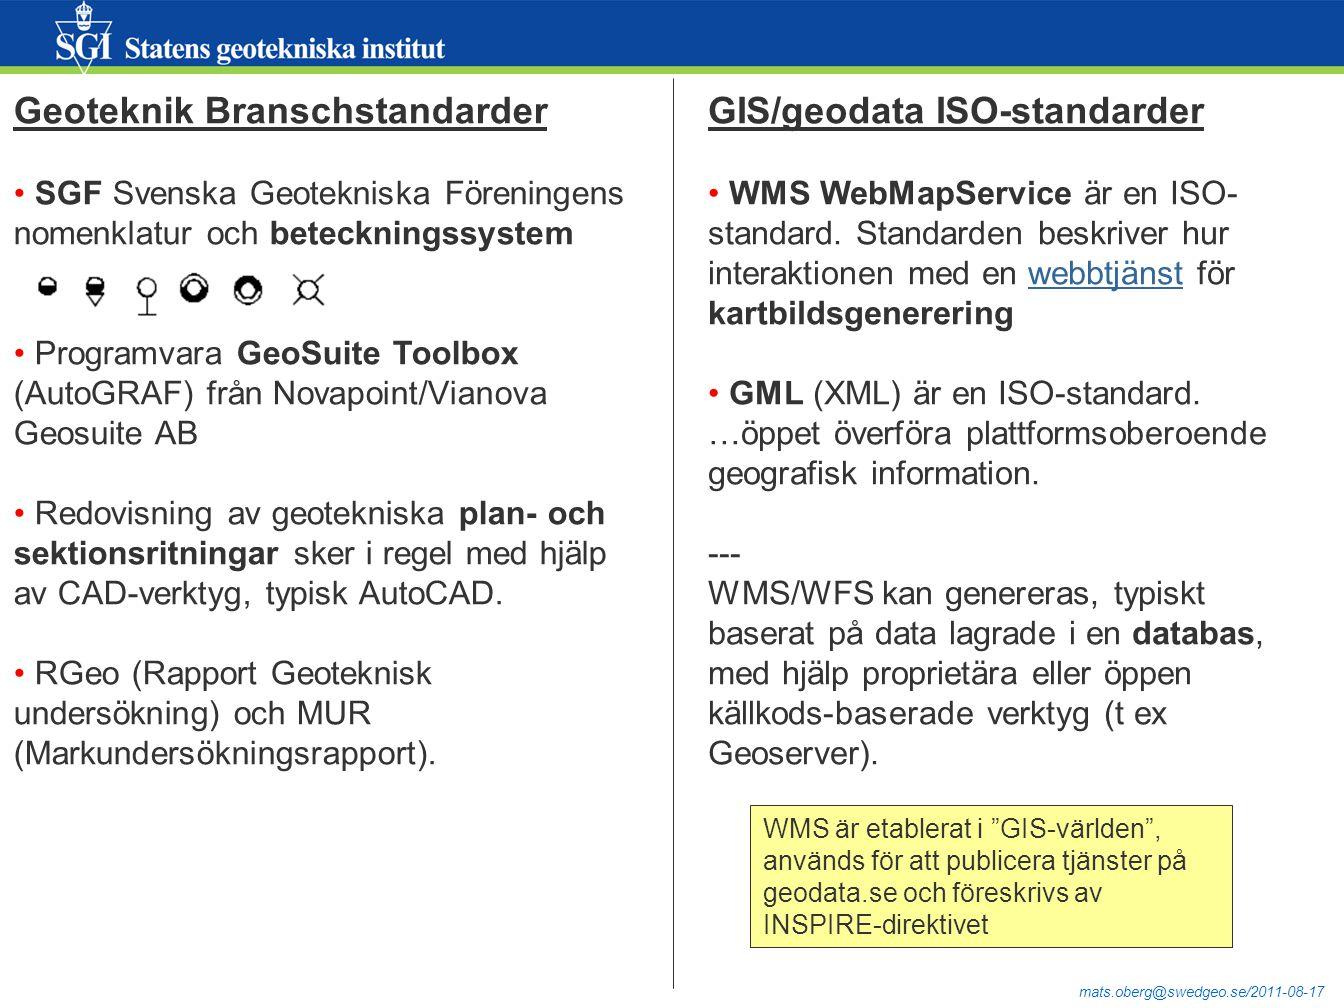 mats.oberg@swedgeo.se/2011-08-17 Geoteknik Branschstandarder SGF Svenska Geotekniska Föreningens nomenklatur och beteckningssystem Programvara GeoSuite Toolbox (AutoGRAF) från Novapoint/Vianova Geosuite AB Redovisning av geotekniska plan- och sektionsritningar sker i regel med hjälp av CAD-verktyg, typisk AutoCAD.